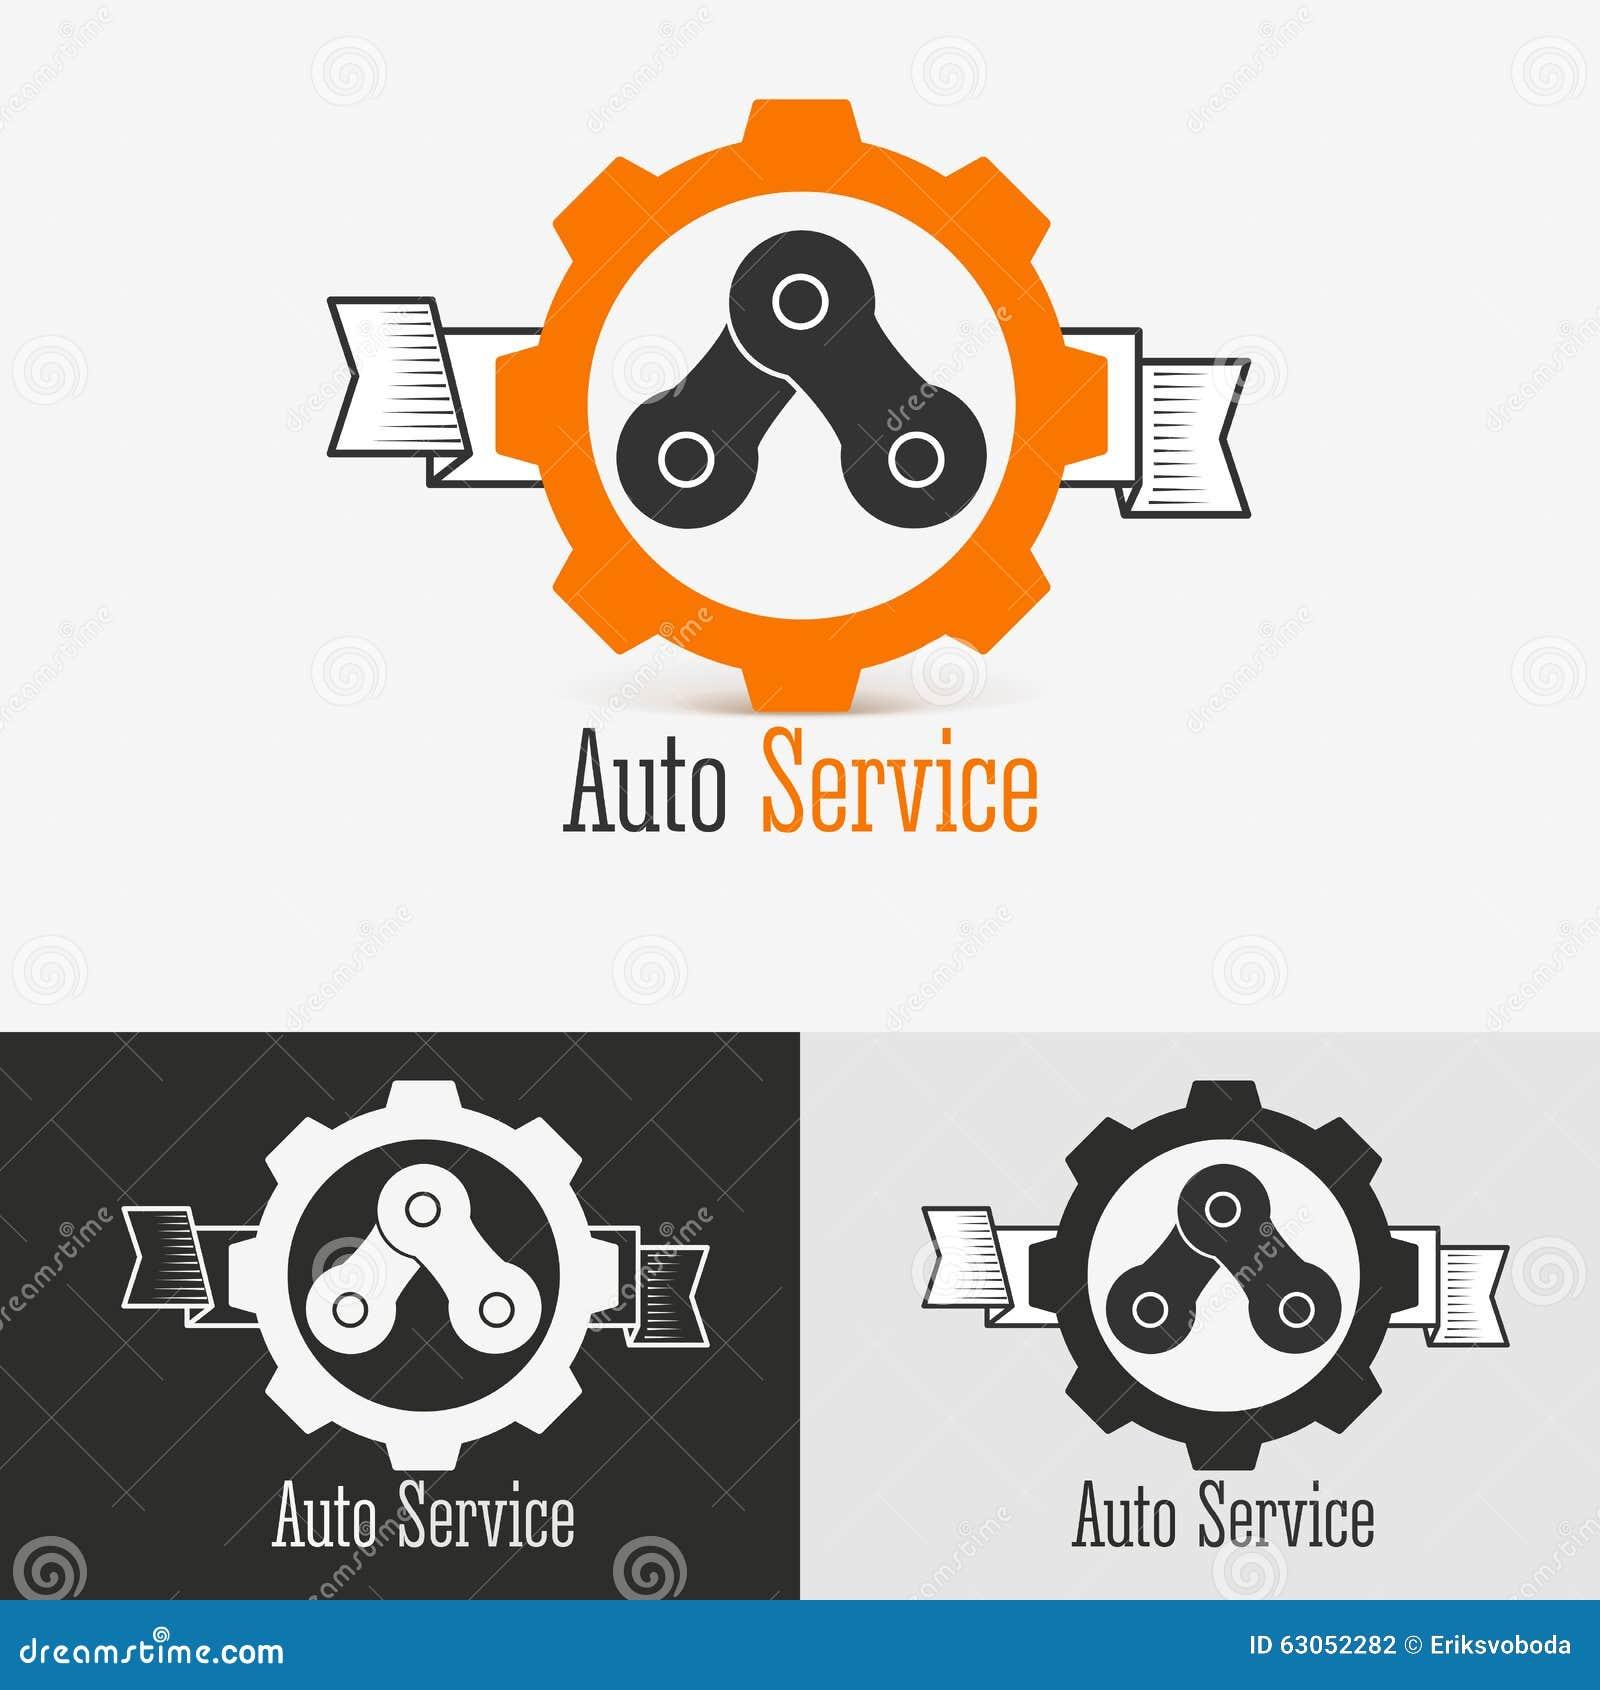 Auto Logo Design Template Stock Vector Illustration Of Icon 63052282